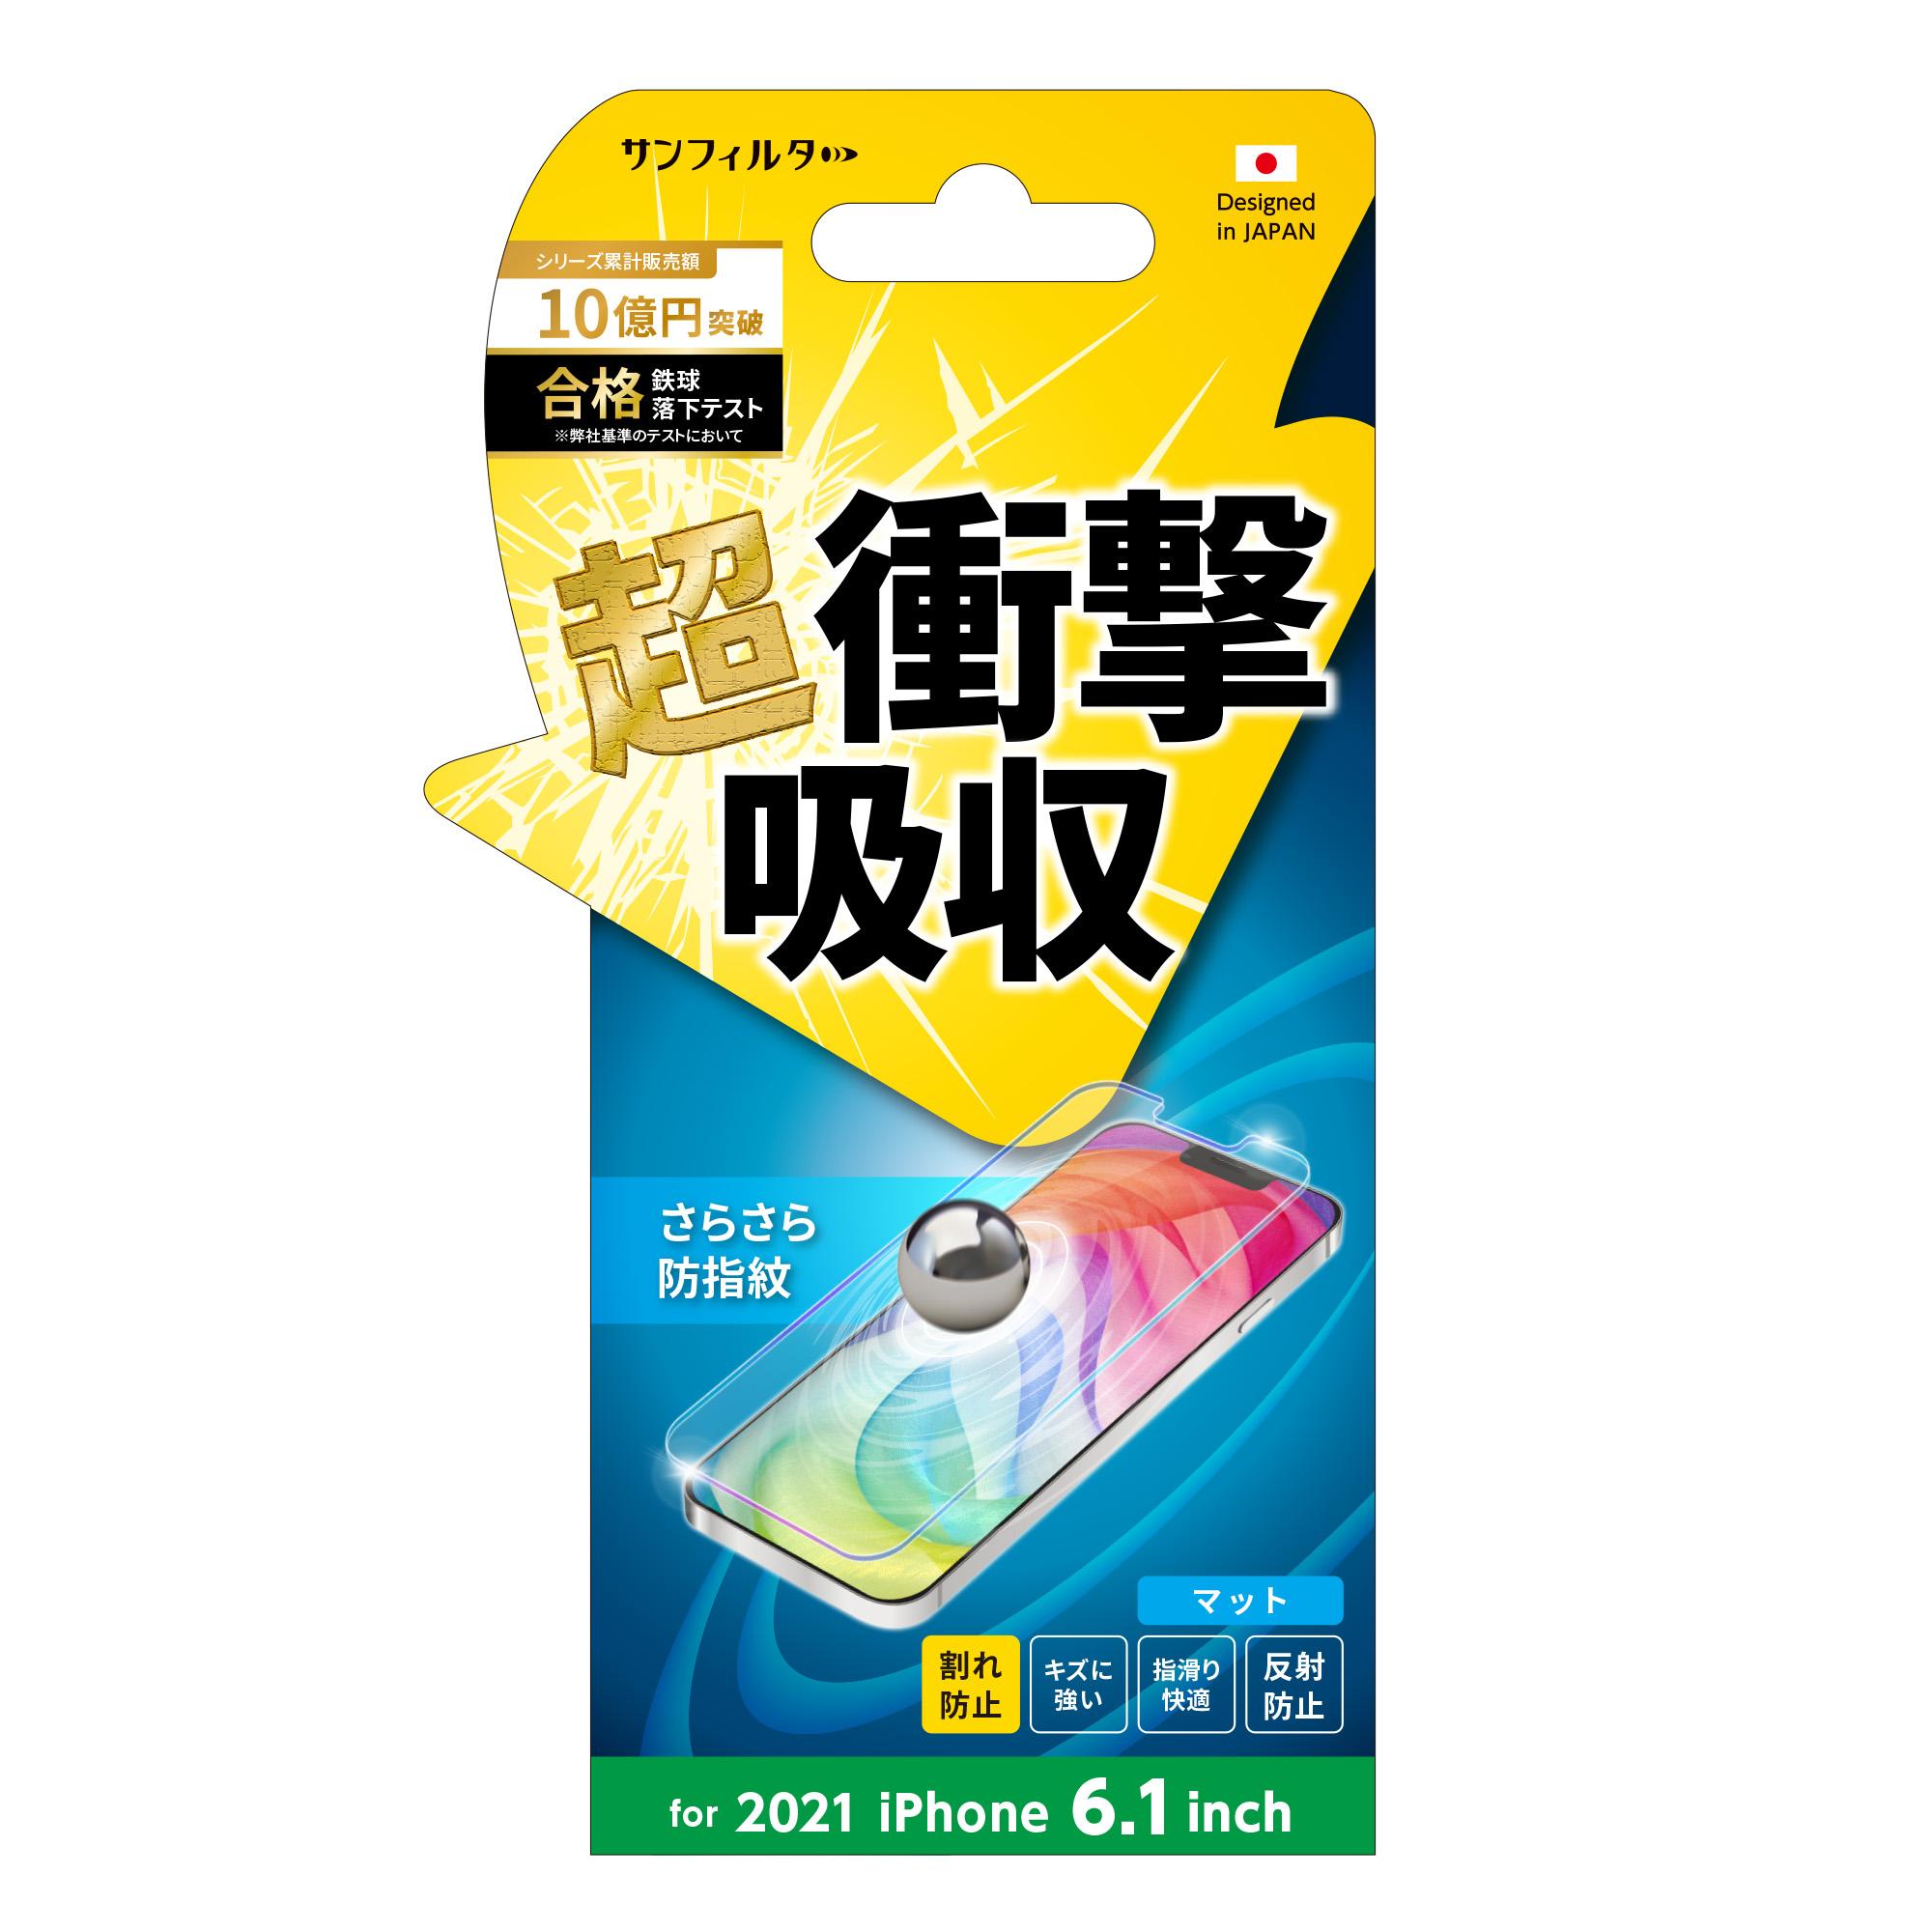 iPhone13 Pro NEW売り切れる前に☆ 6.1インチ 数量限定アウトレット最安価格 2021 NEW 画面保護シール あす楽 全面保護 液晶保護フィルム 指紋が付きにくい 衝撃を自己吸収する